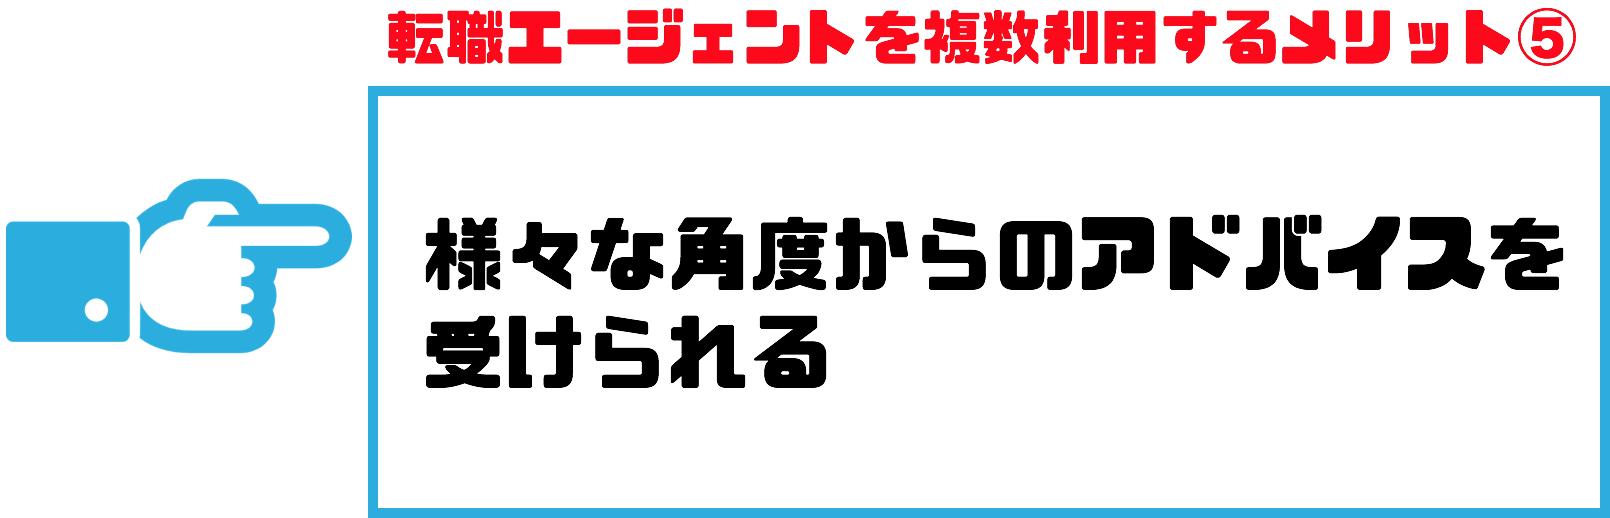 転職エージェント_複数09